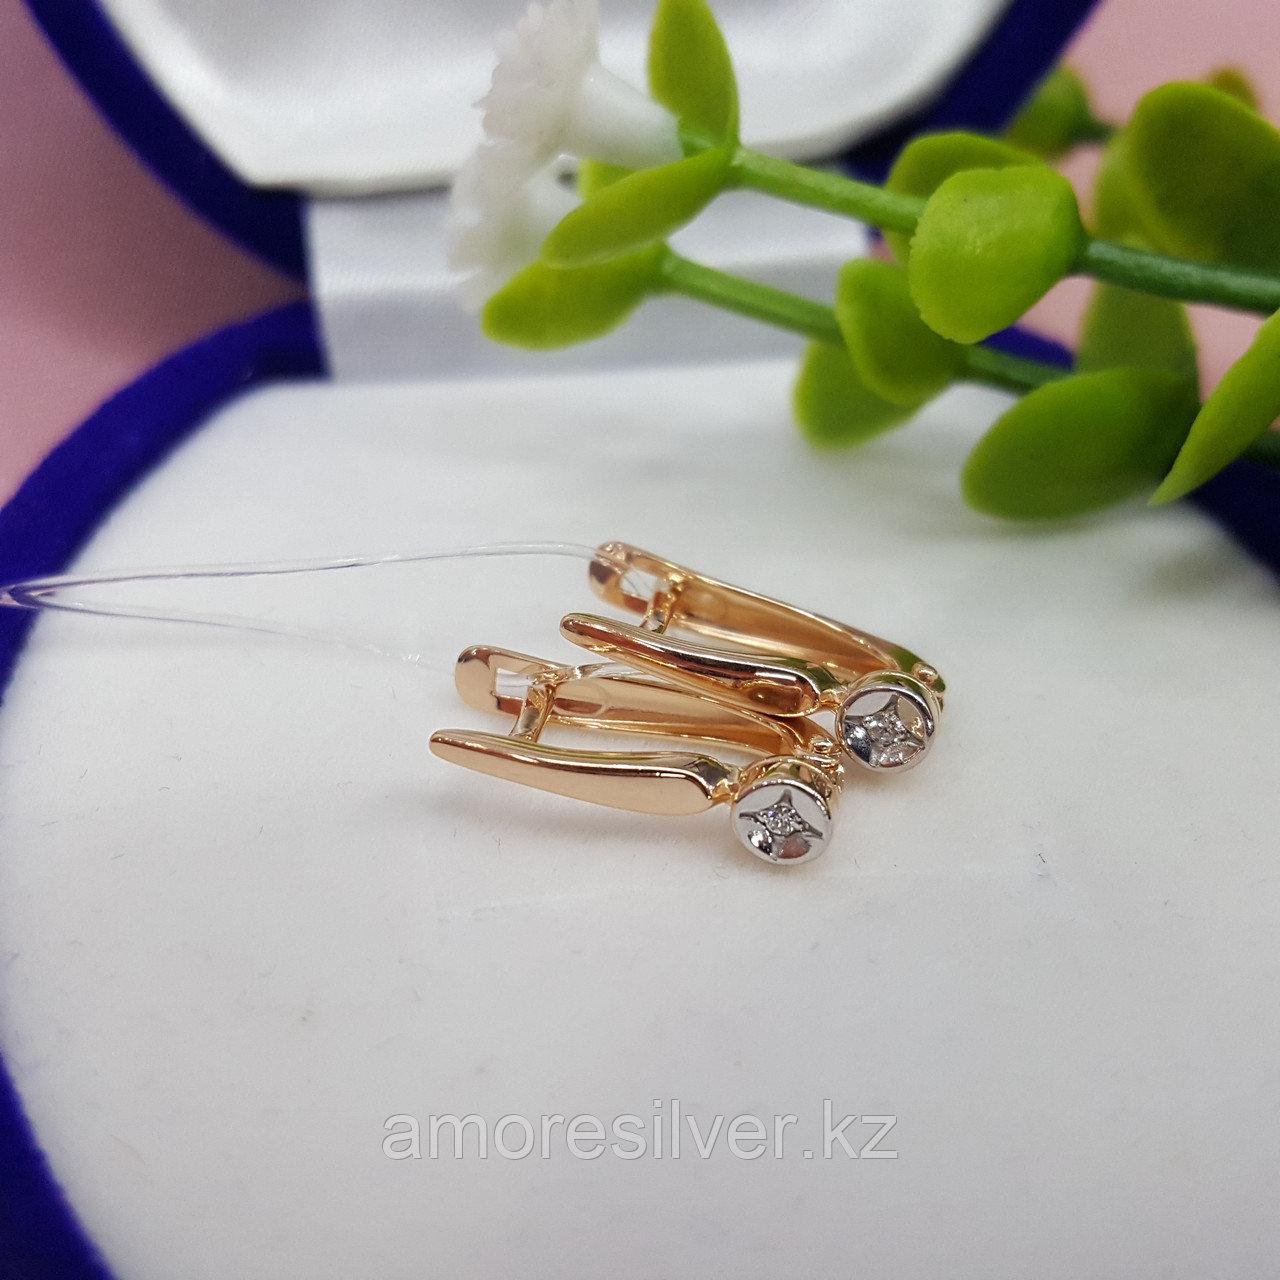 Кольцо AQUAMARIN серебро с позолотой, бриллиант 040146.6 размеры - 17